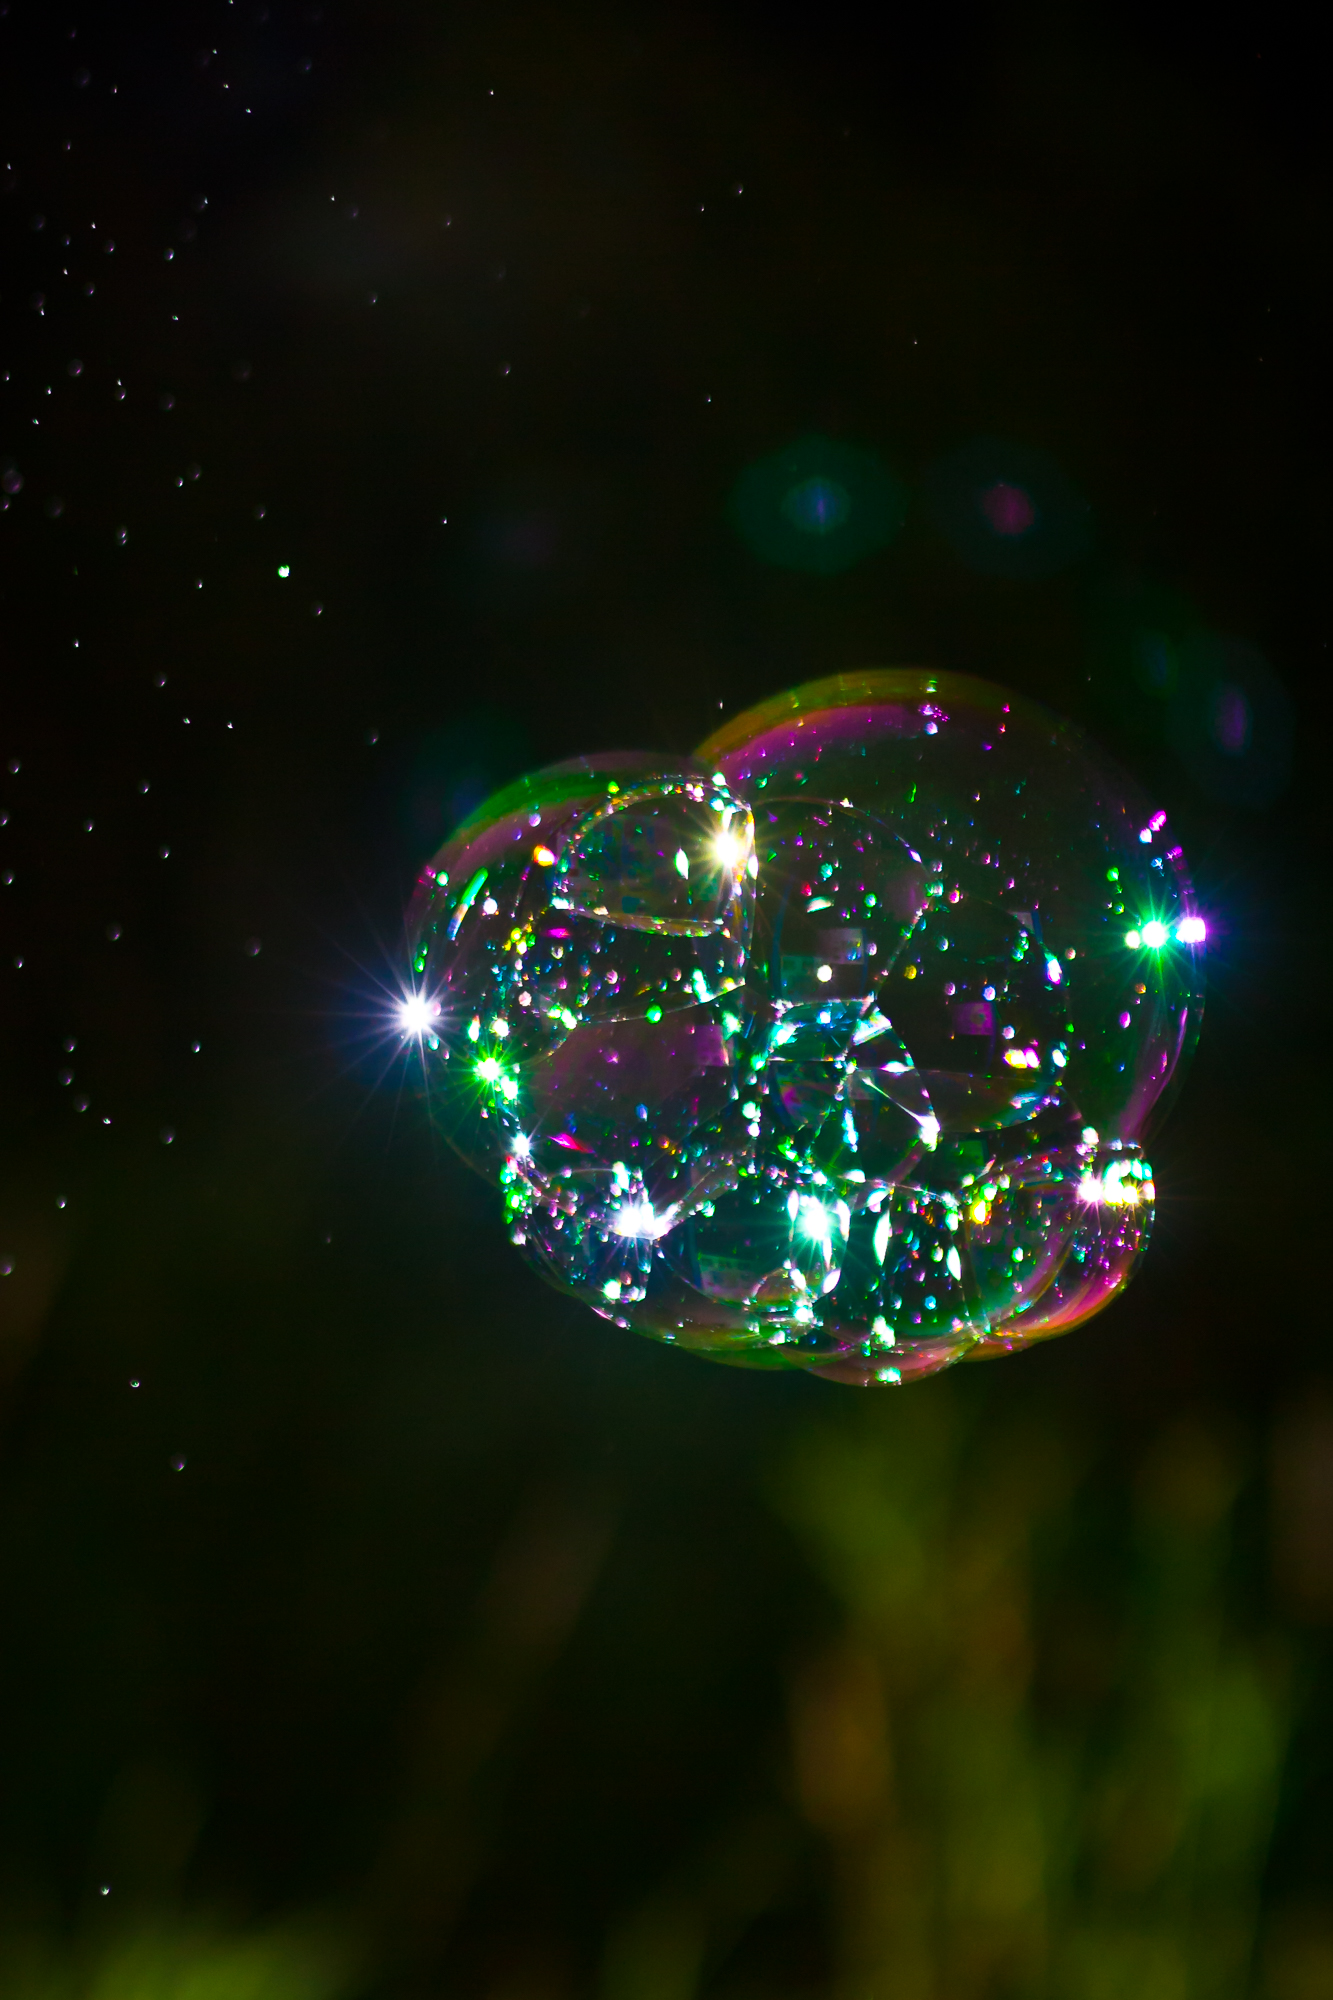 Seifenblasen in der Nacht